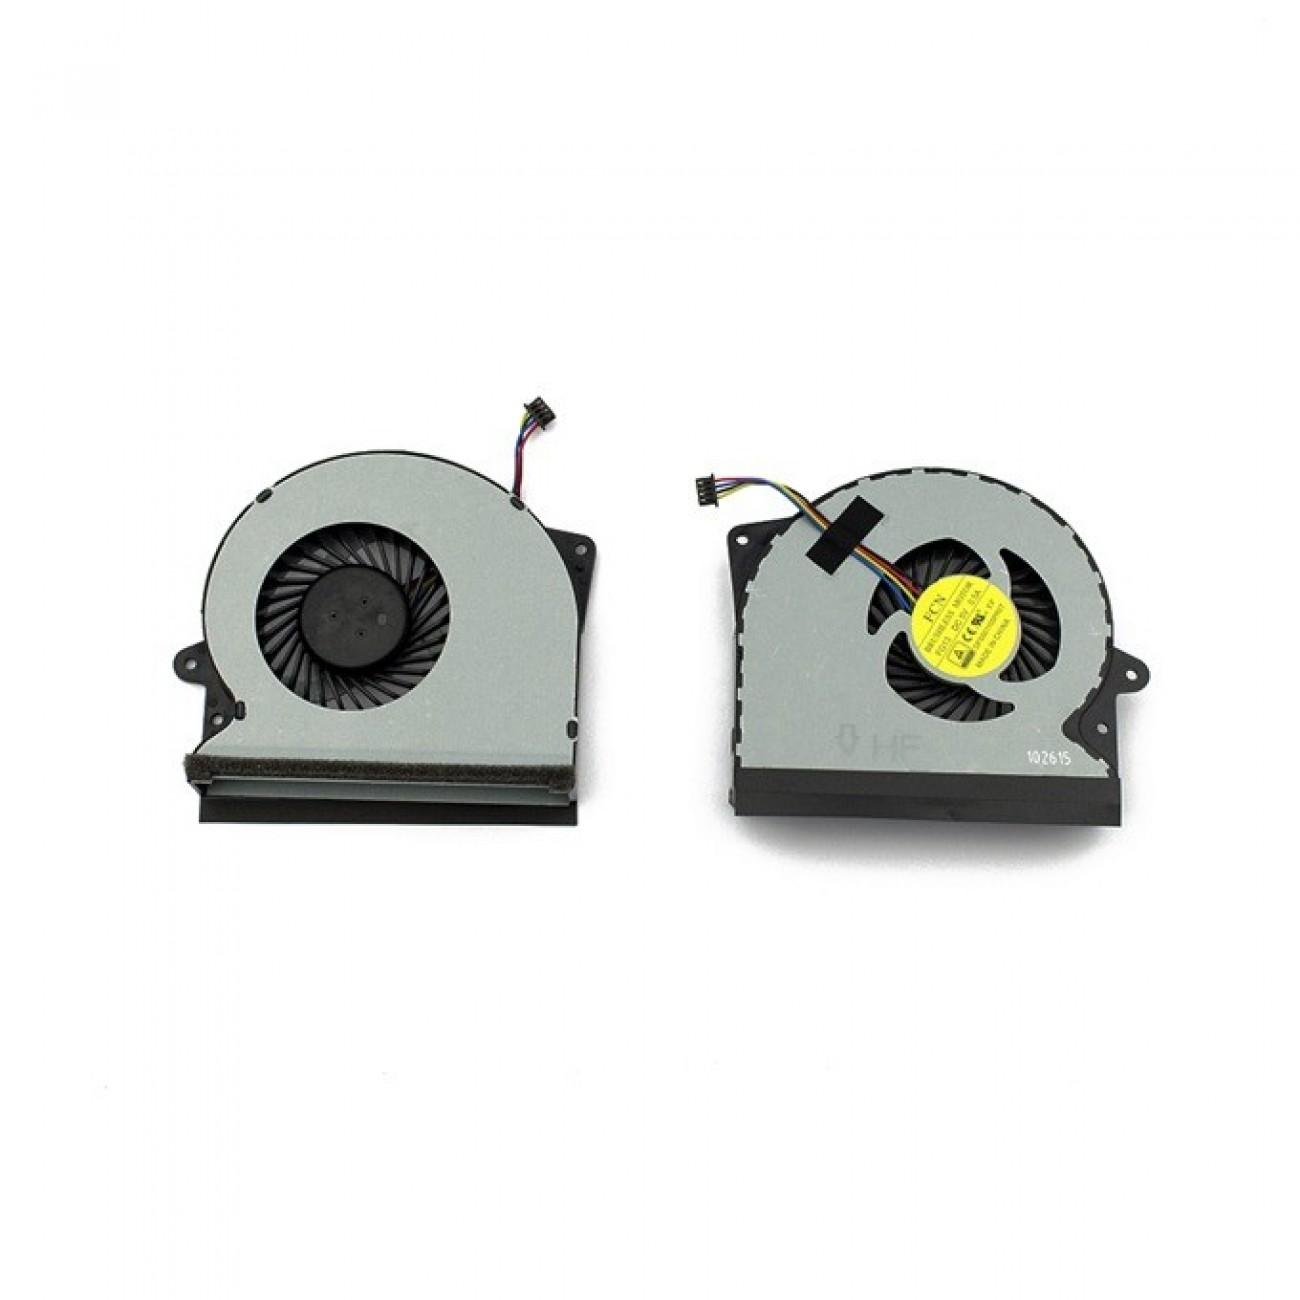 Вентилатор за лаптоп ASUS G751 G751J G751M G751JT G751JY G751JL в Резервни части -  | Alleop